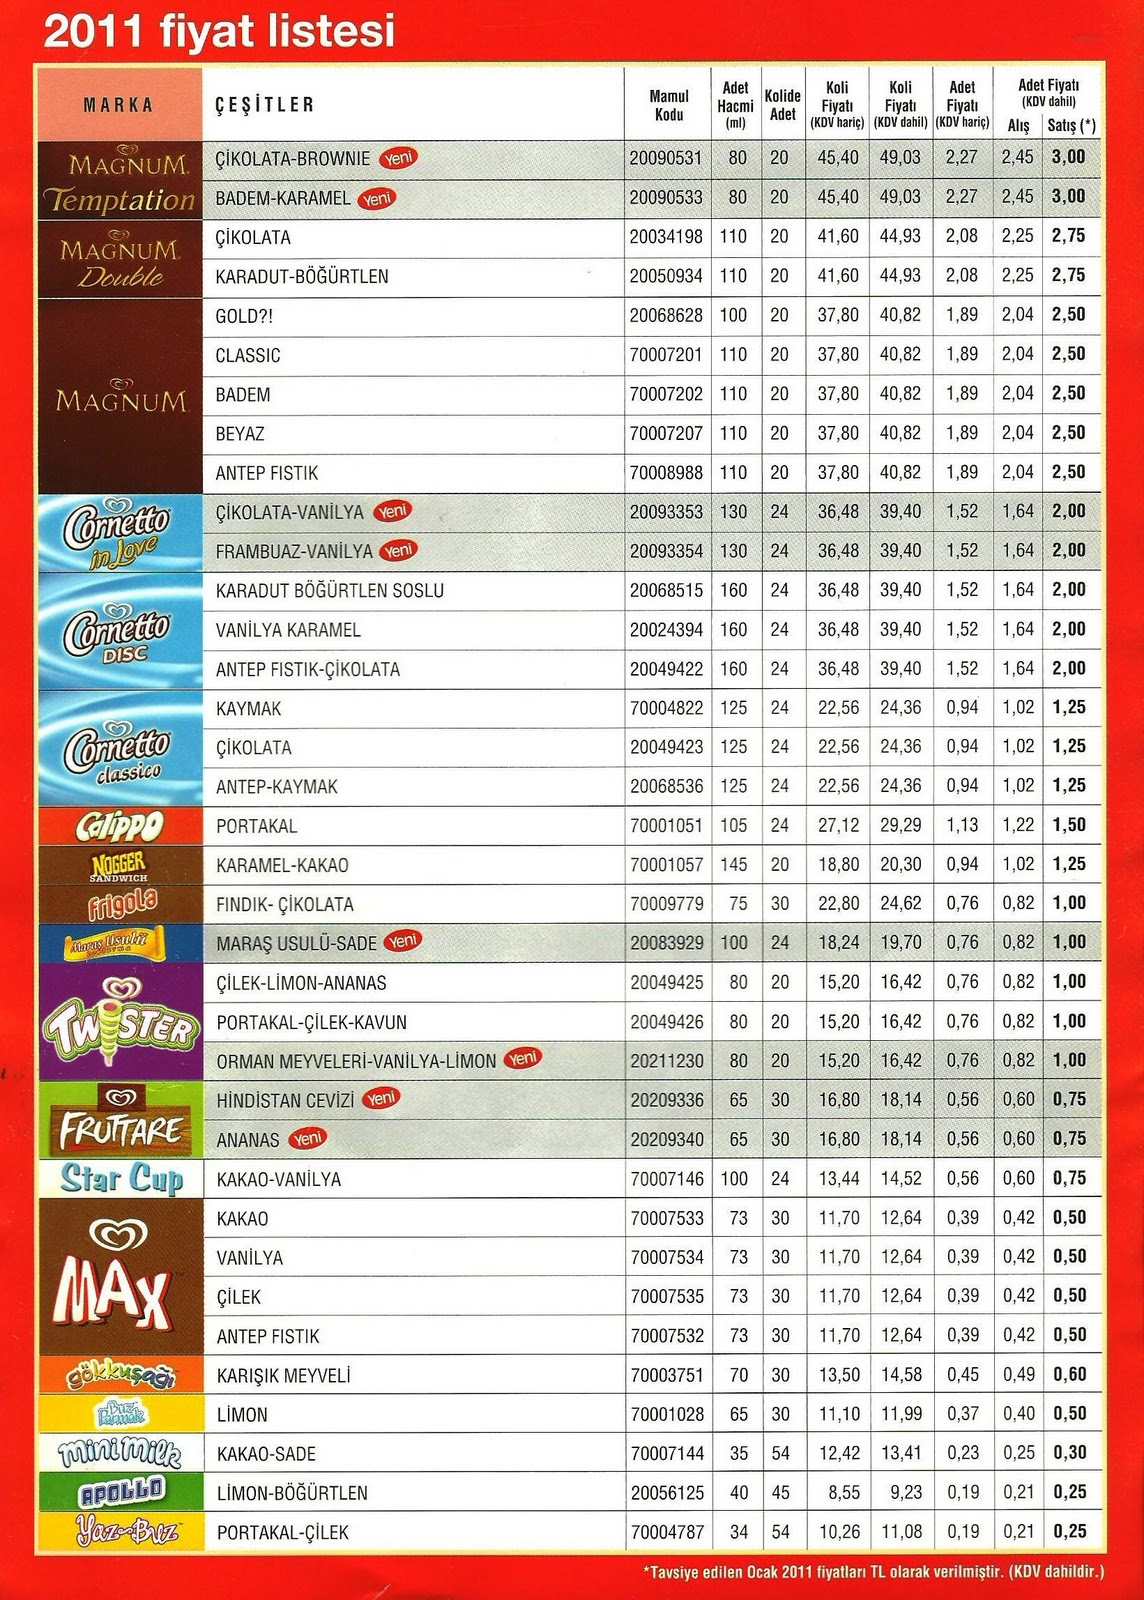 Magnum Fiyat 2017 >> algida ürünleri dondurma ocak 2011 toptan perakende fiyat listesi | market kuruyemiş